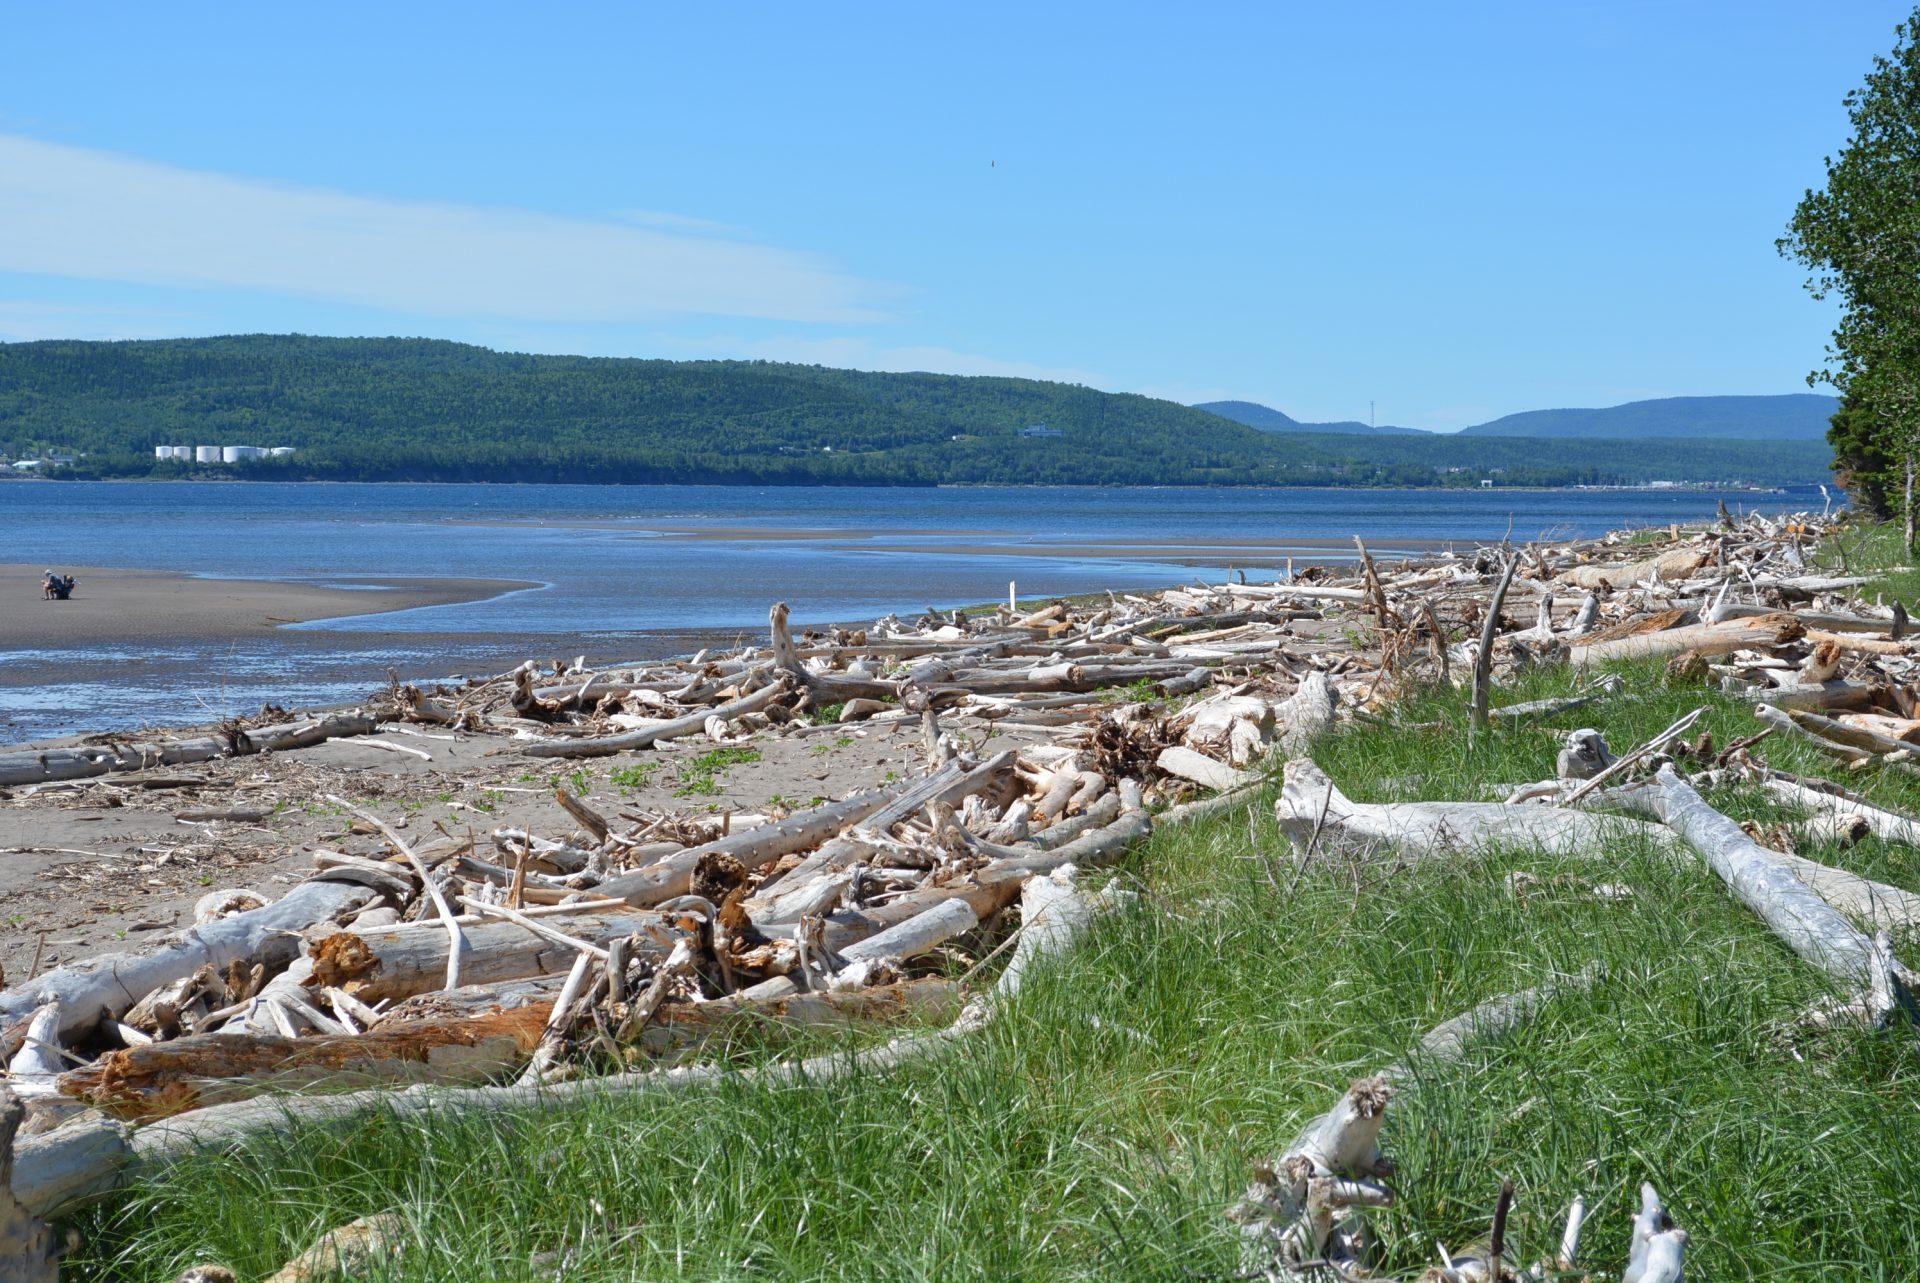 Le bois de plage, un précieux allié contre l'érosion des berges